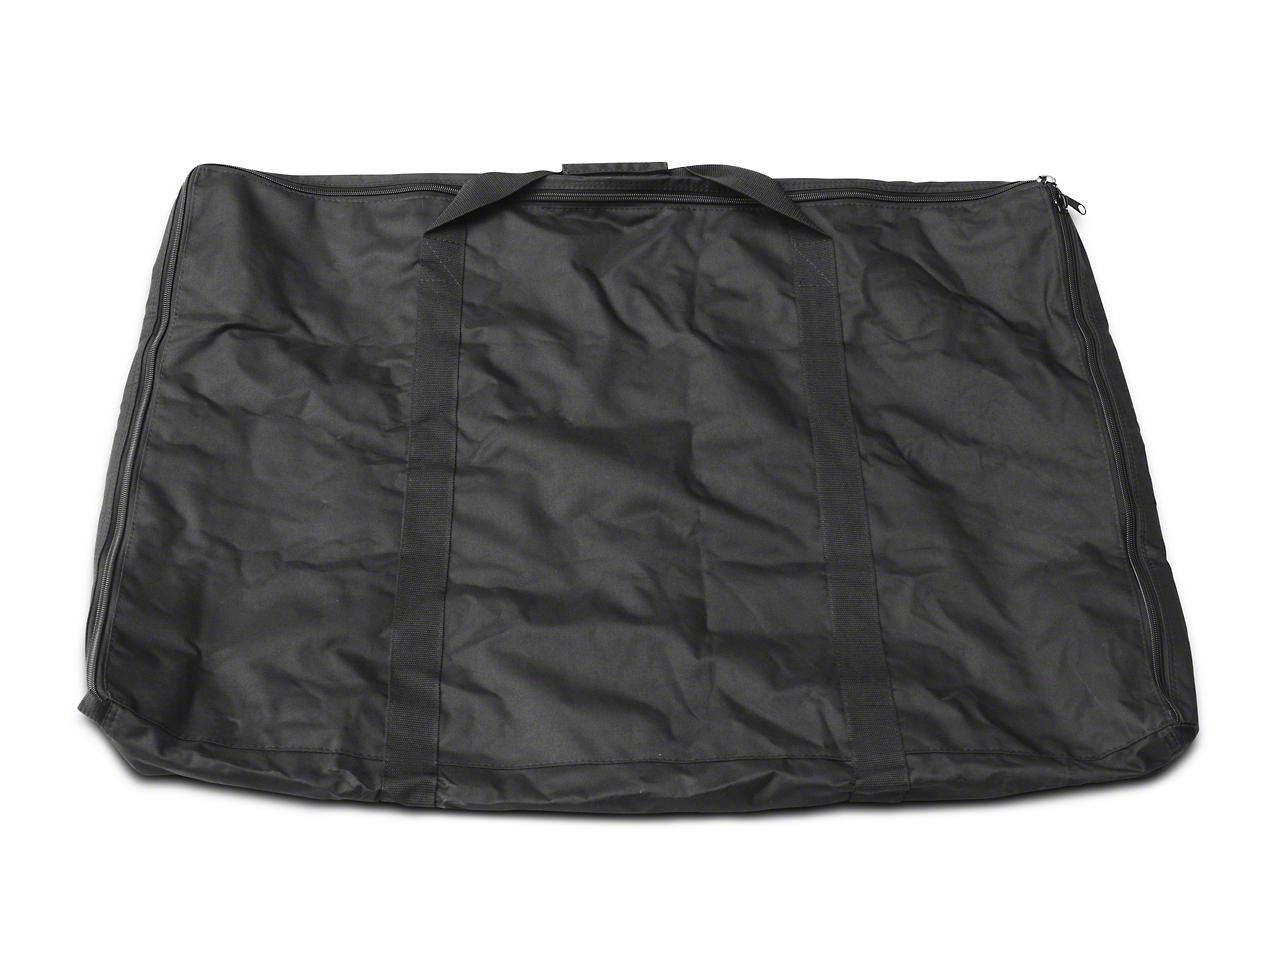 Smittybilt Soft Top Storage Bag (87-18 Wrangler YJ & TJ)